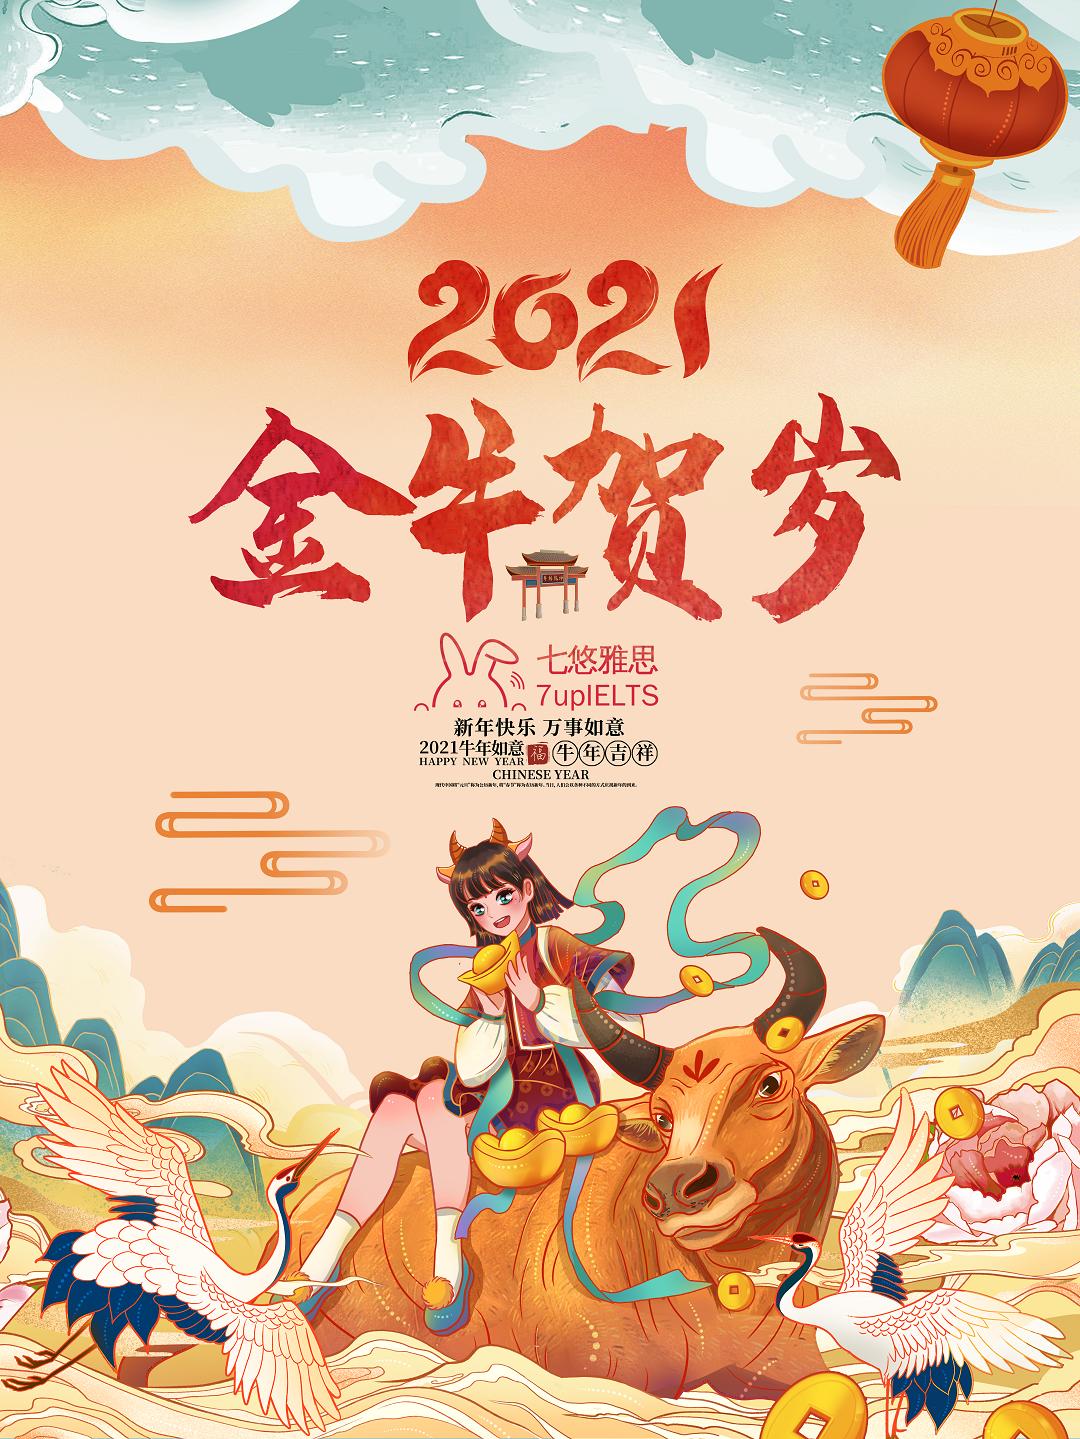 拜年啦~祝小烤鸭们2021年新春快乐,梦想成真,牛气冲天